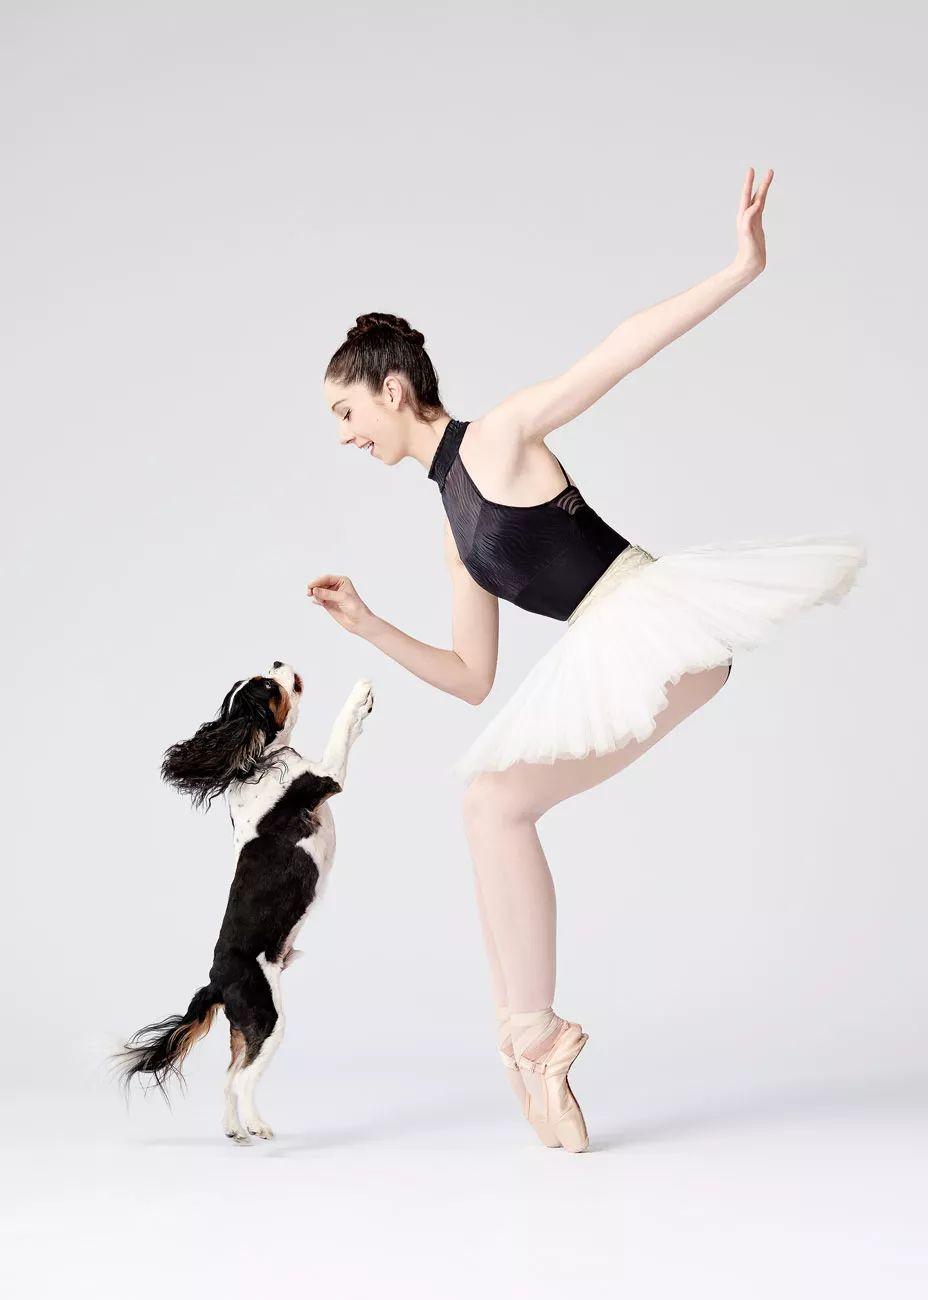 宠物-与狗狗共舞的芭蕾舞者(7)